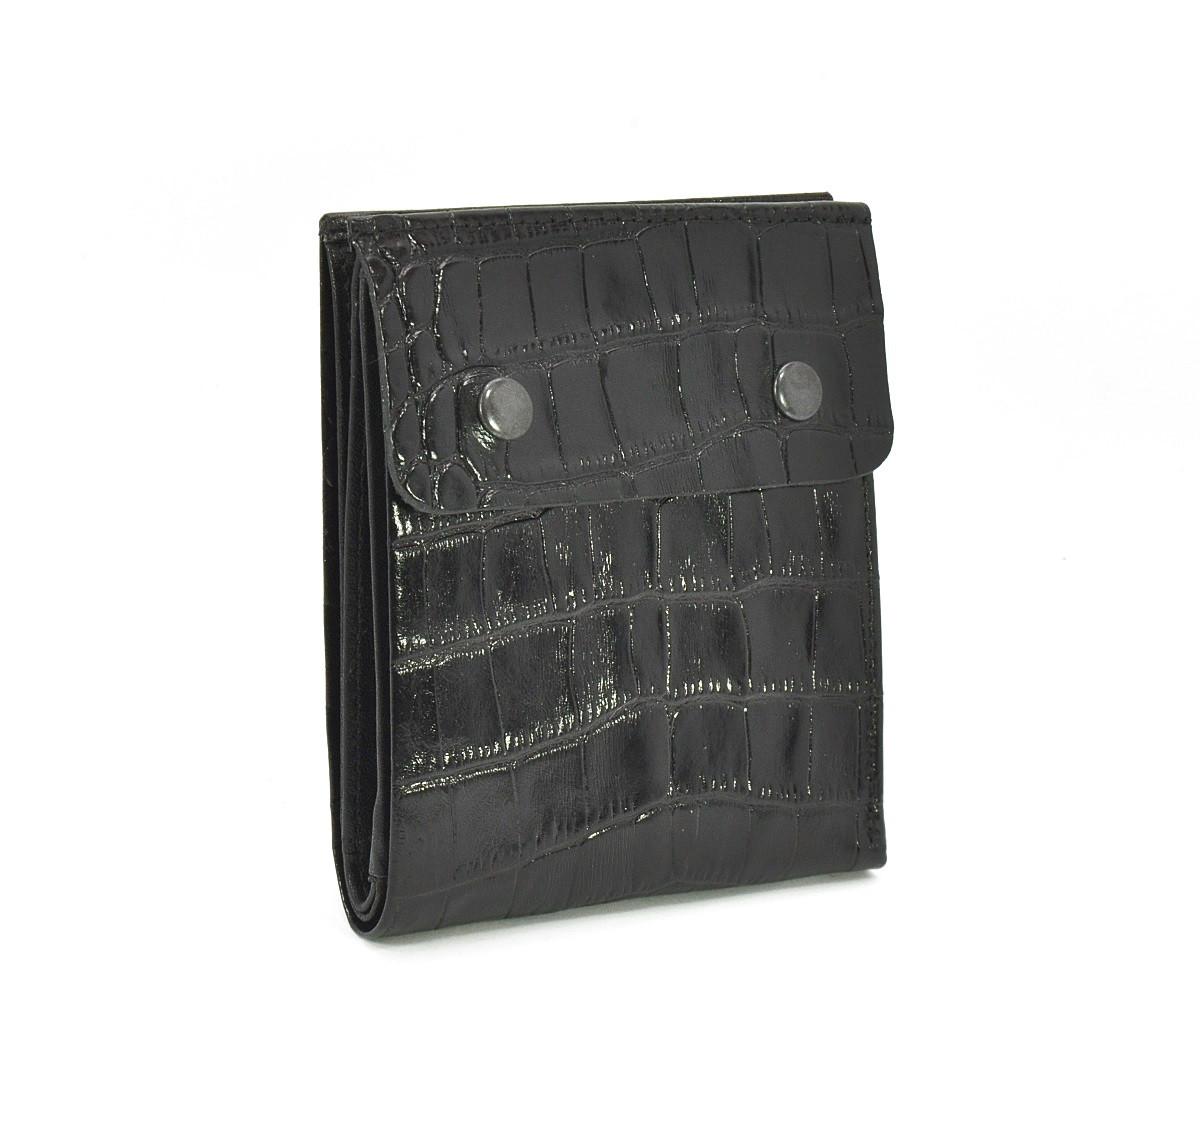 Кошелек мужской кожаный, карты черный Bond Non 514-356 Турция